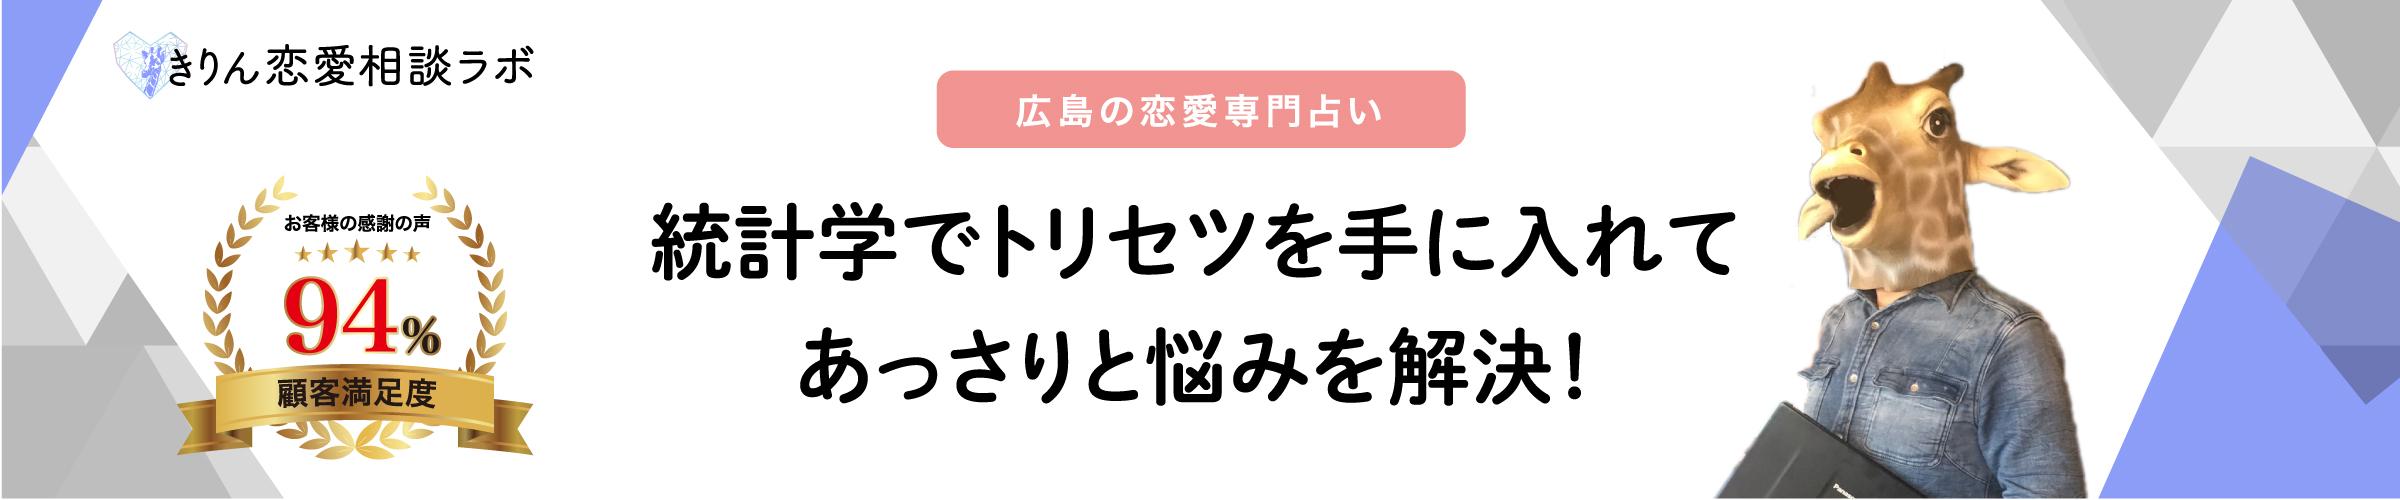 広島の恋愛占いならきりん恋愛相談ラボ